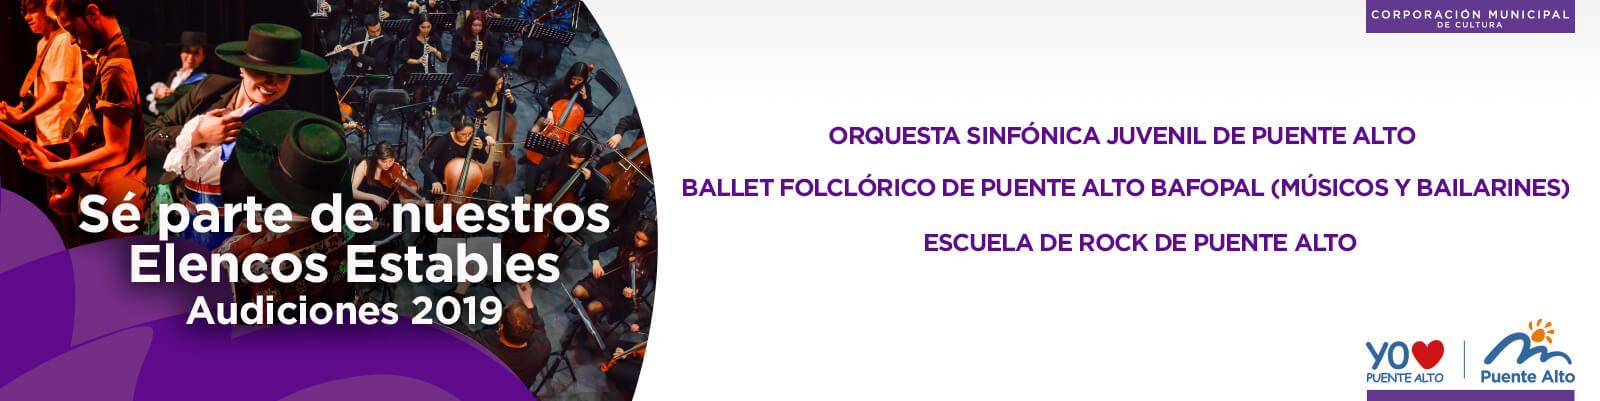 Audiciones Elencos Estables 2019.